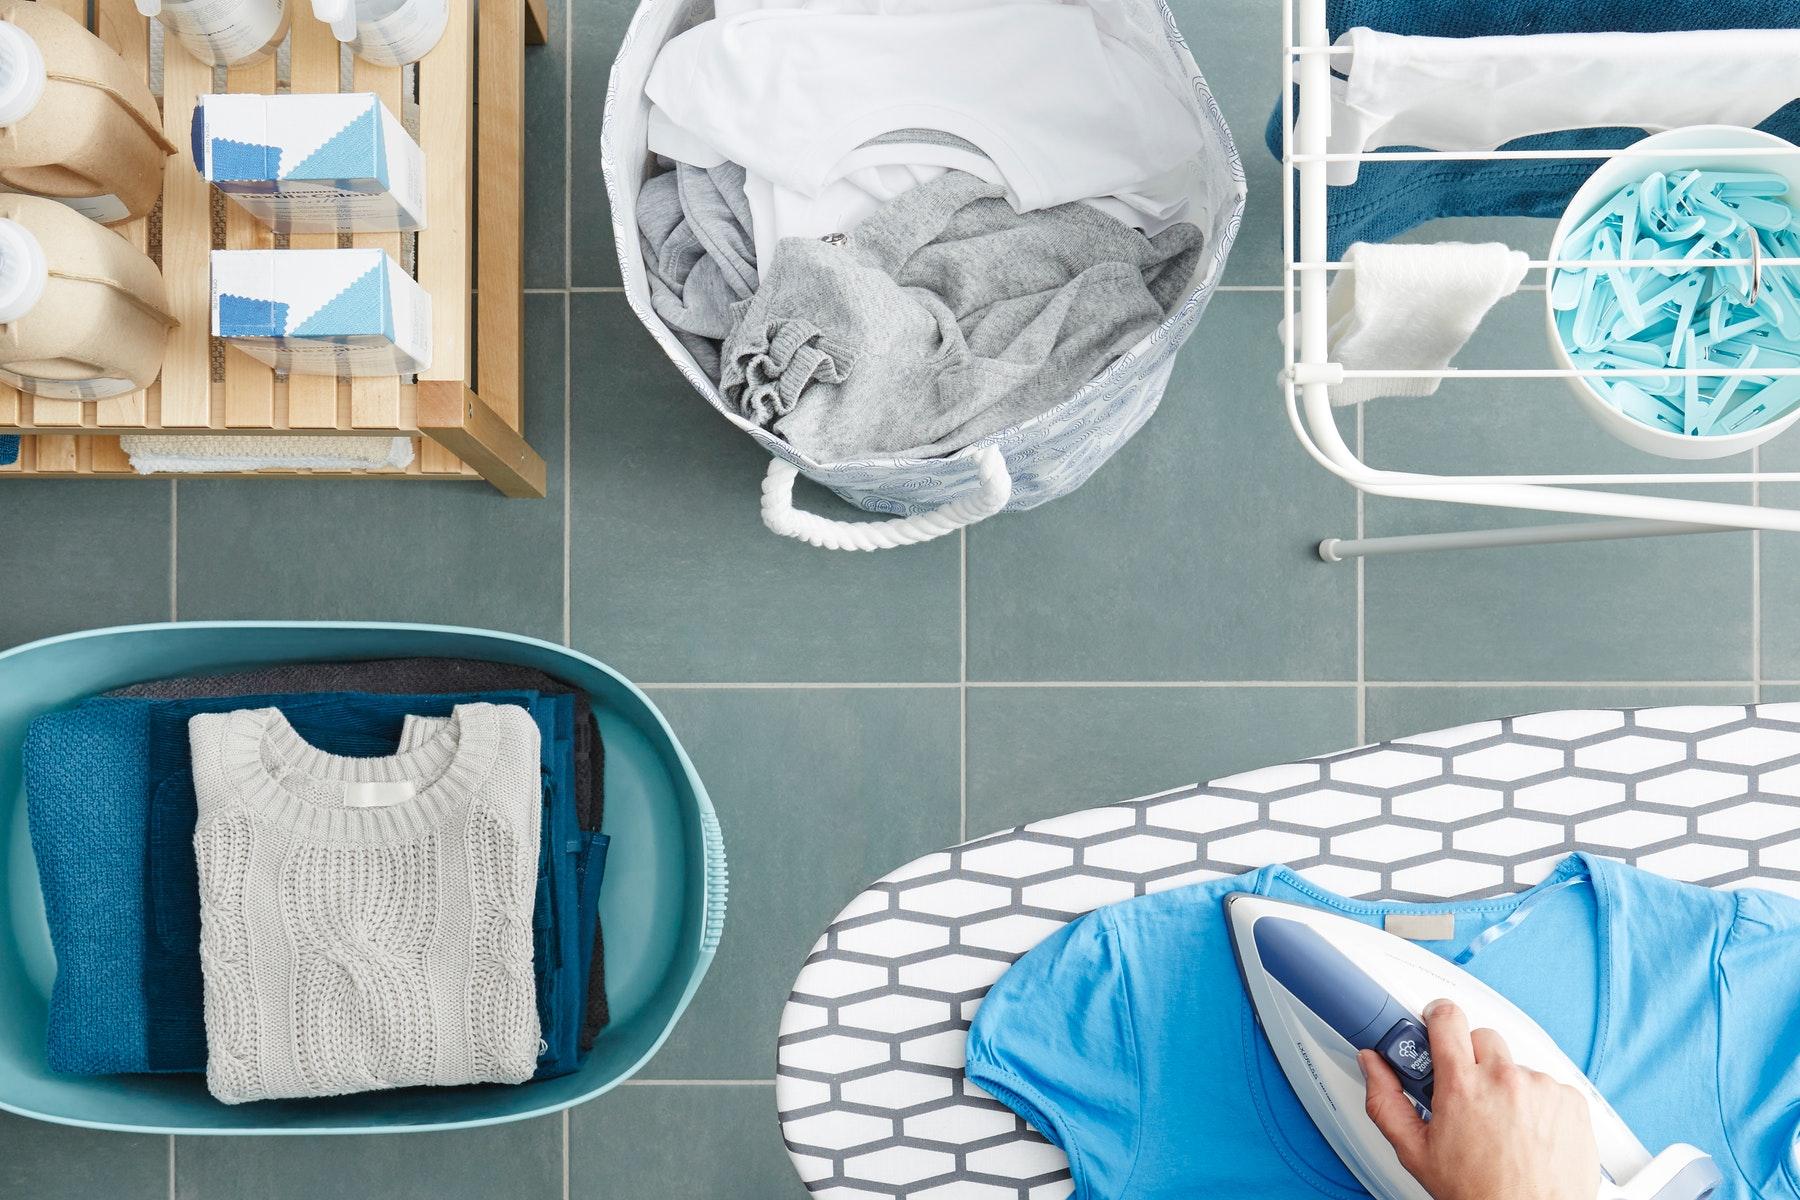 ikea-laundry